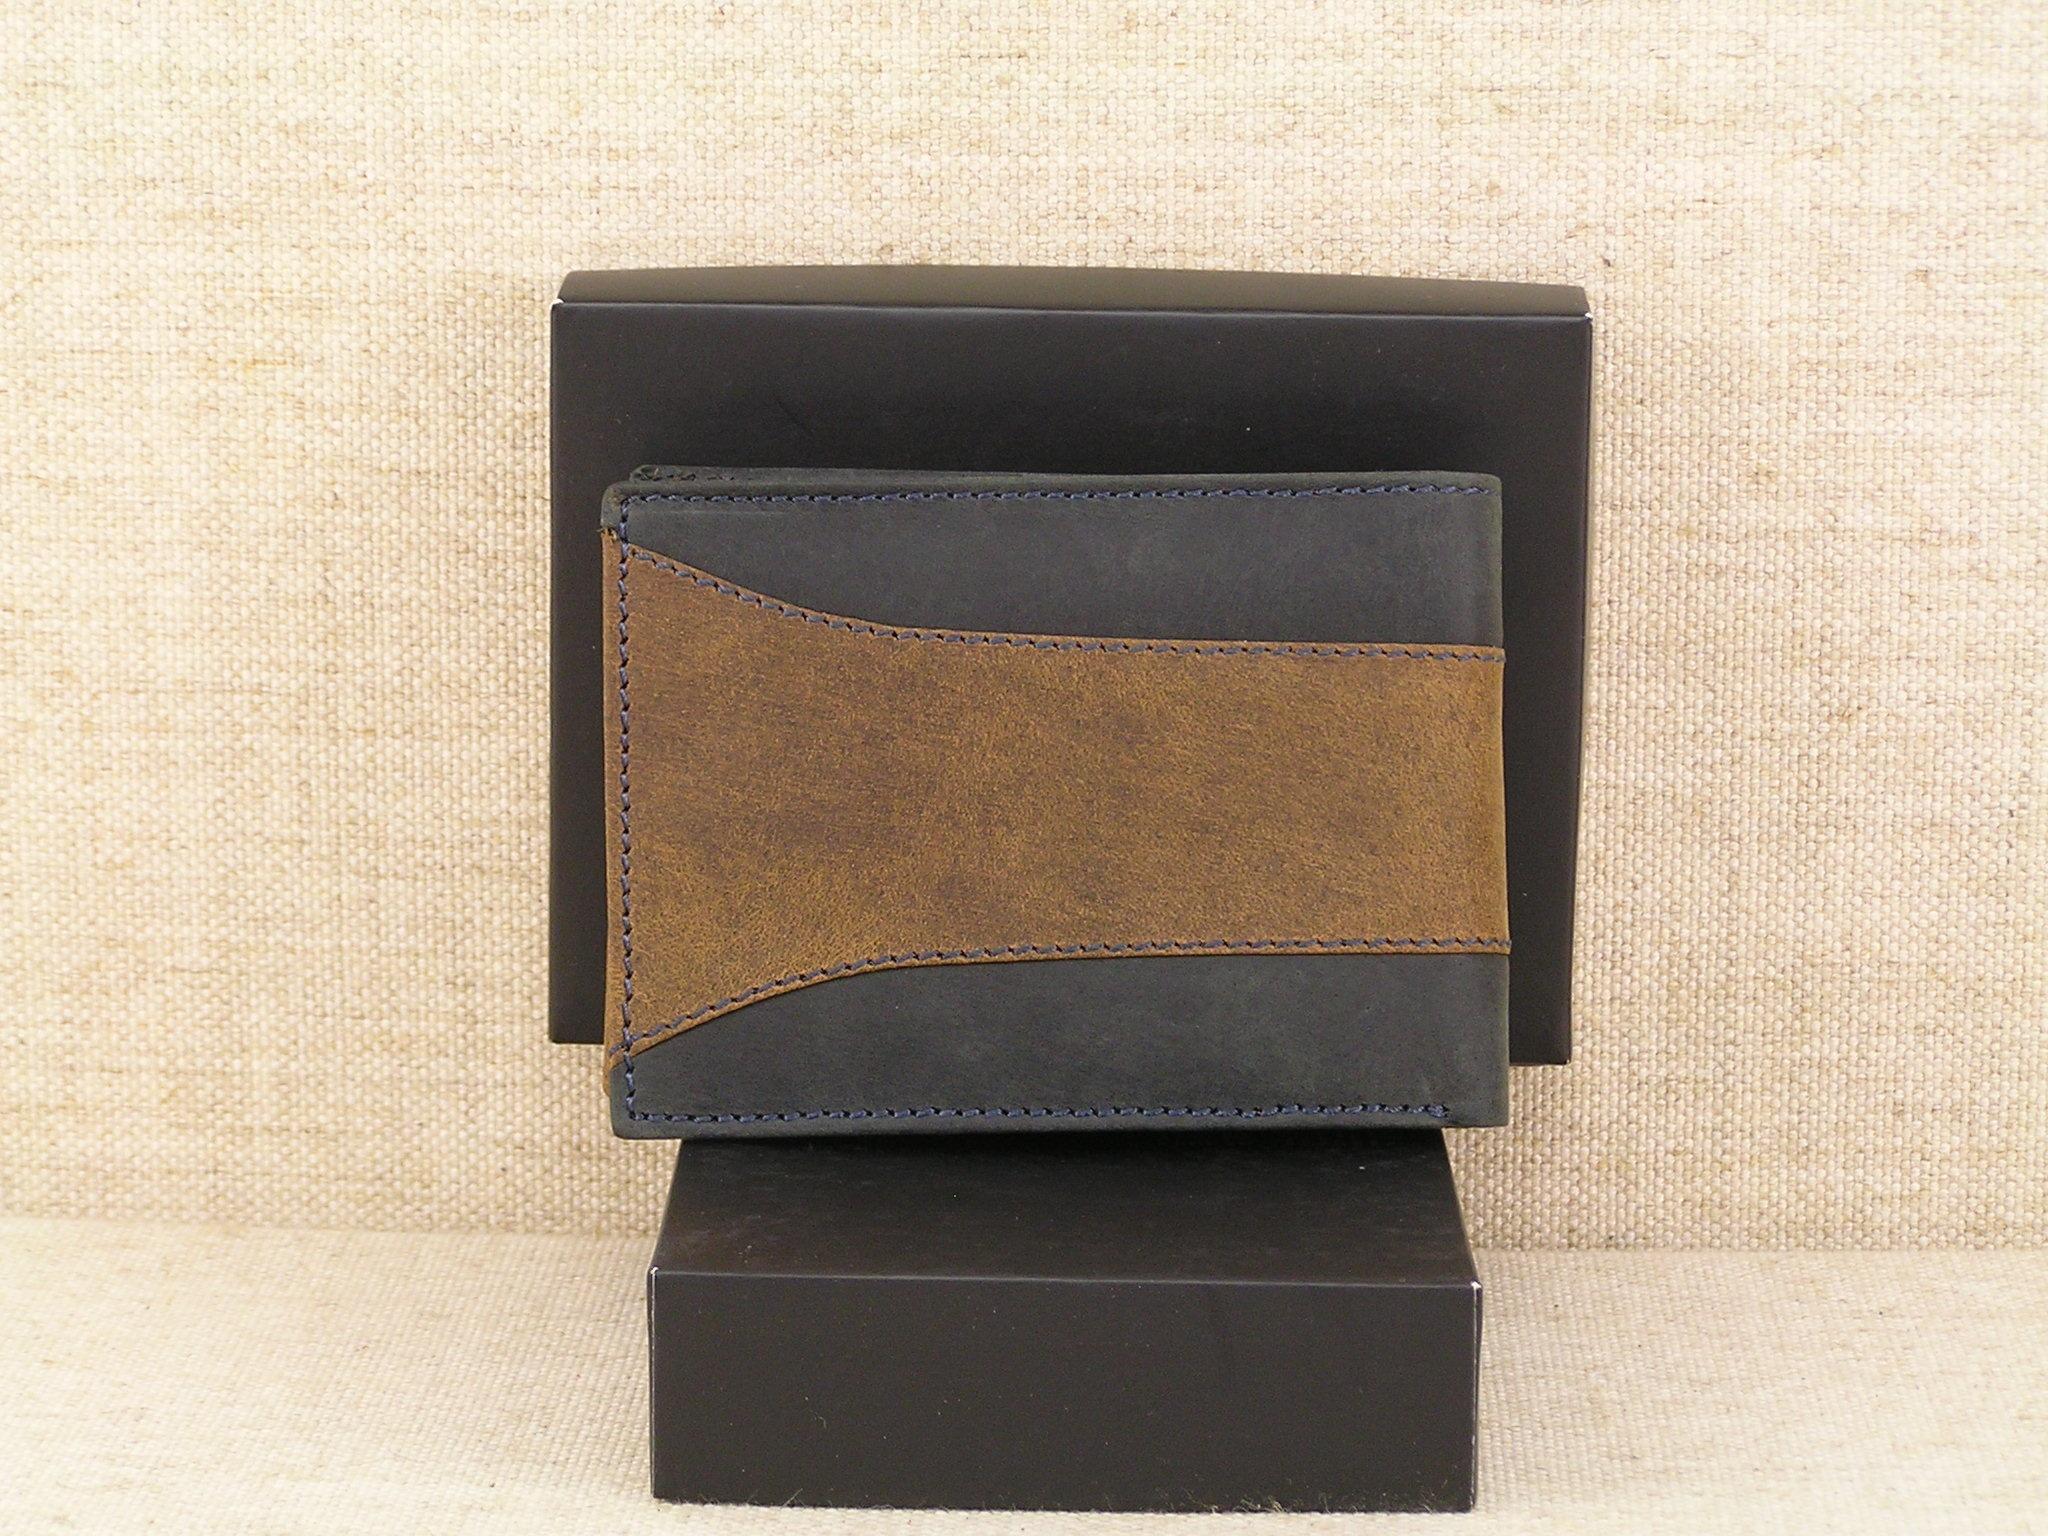 3defe574fd976 Pánská kožená peněženka Always Wild N992 - SAF černohnědá - Greisi